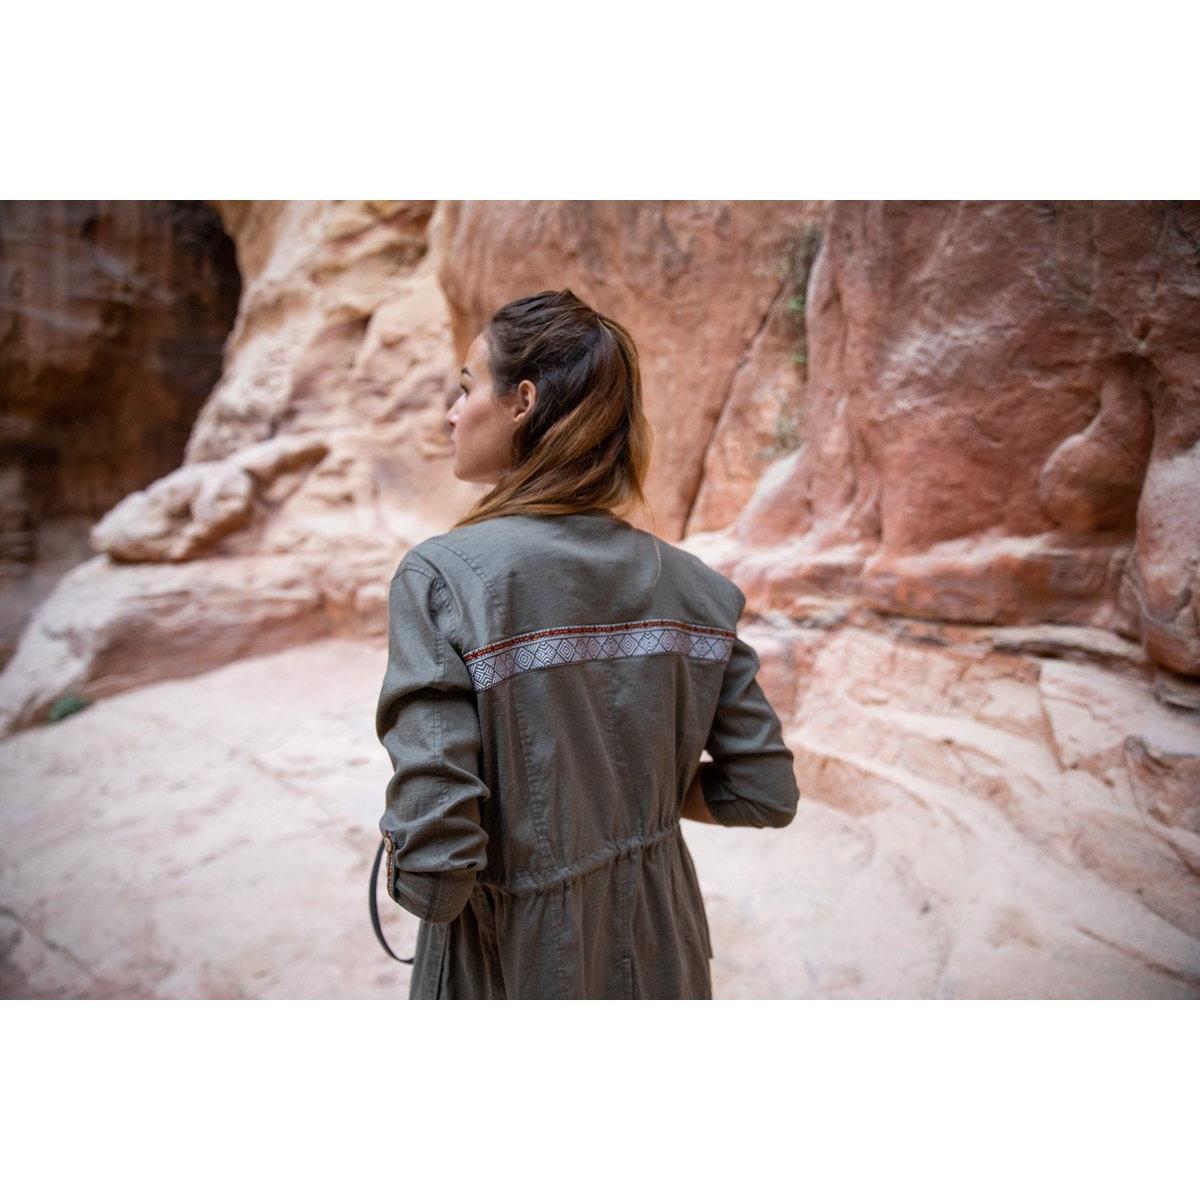 Sherpa Adventure Women's Kiran Jacket - Green